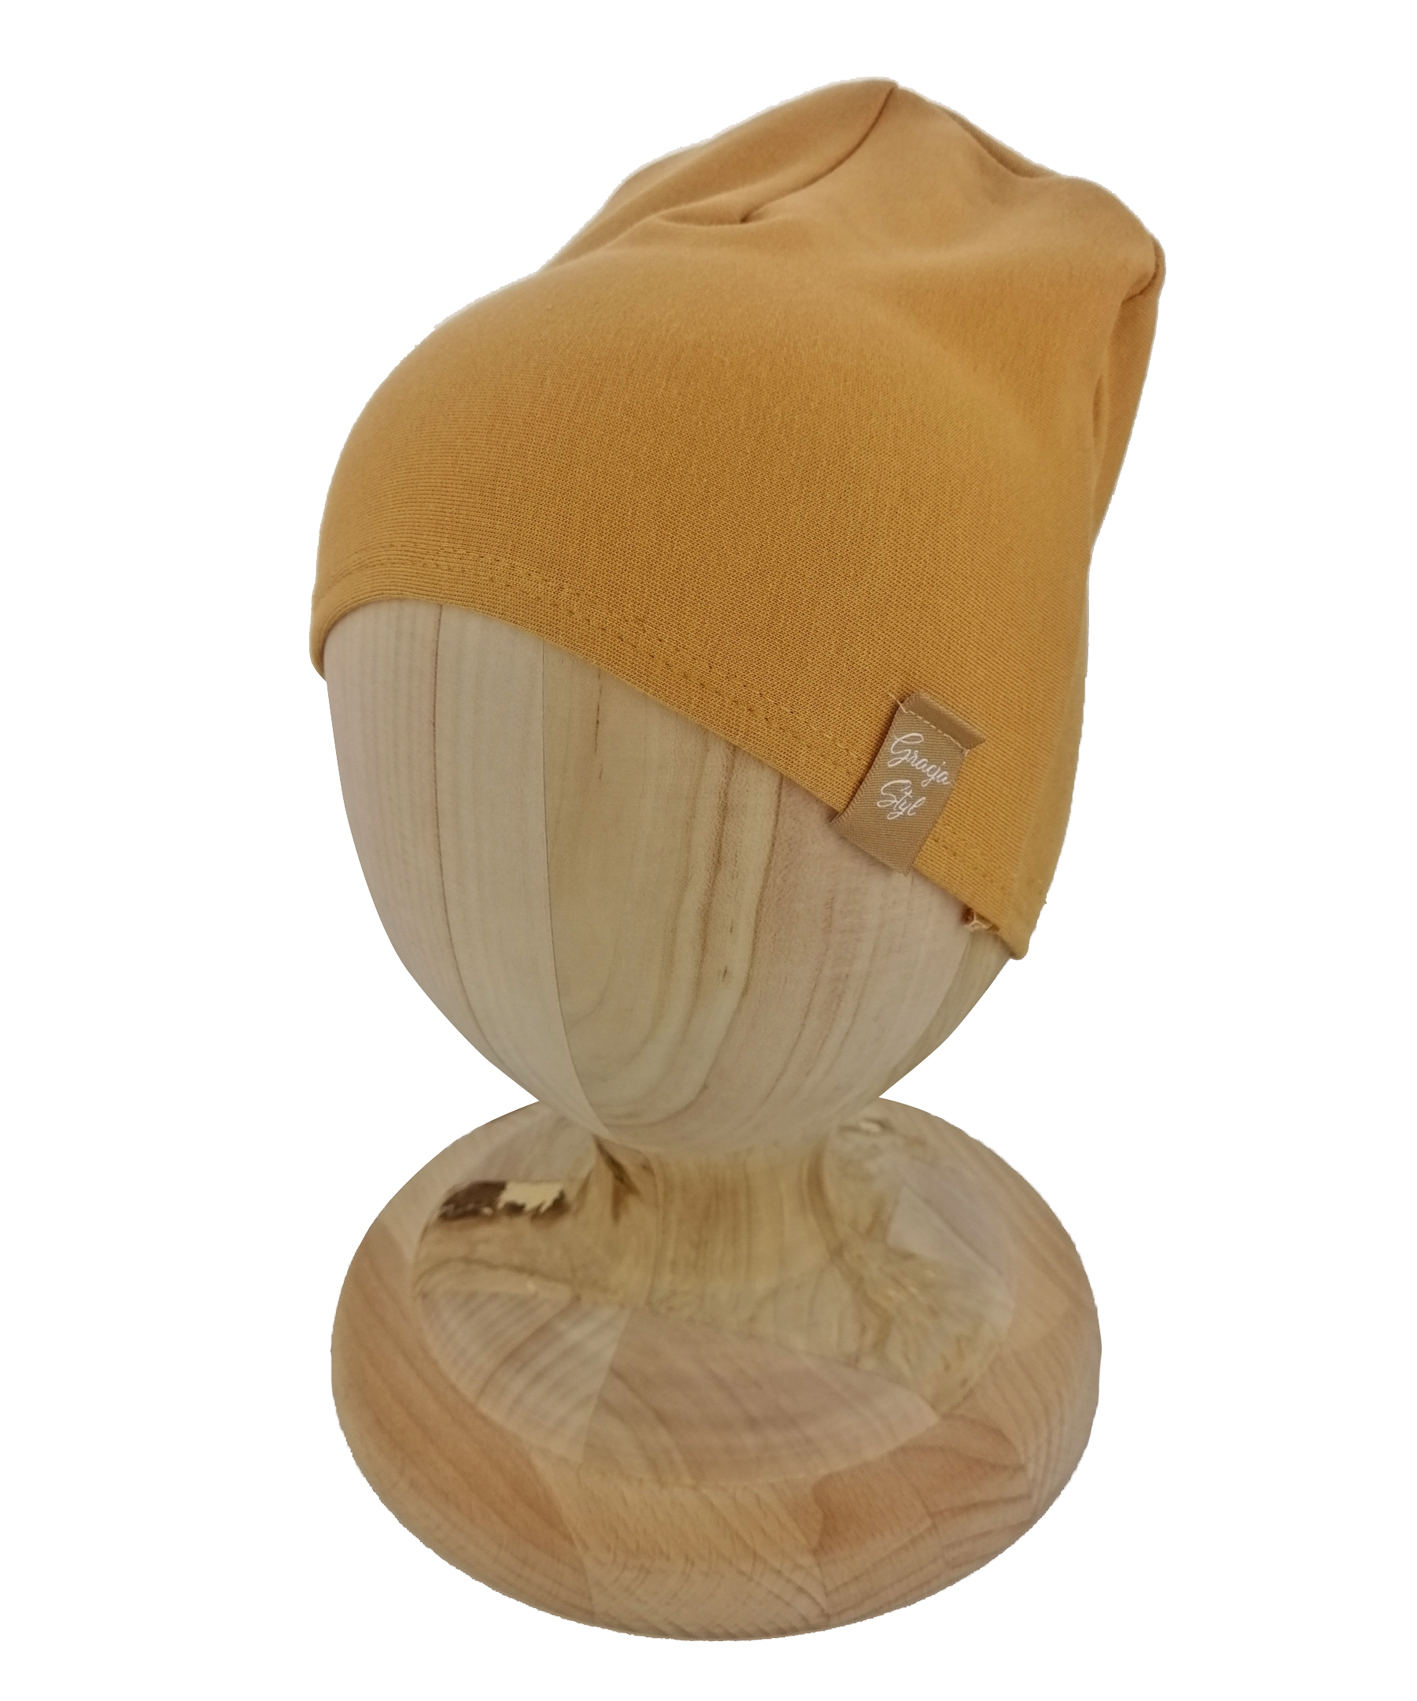 Czapka typu smerfetka, uszyta z bawełny petelkowej. Kolor musztardowy.